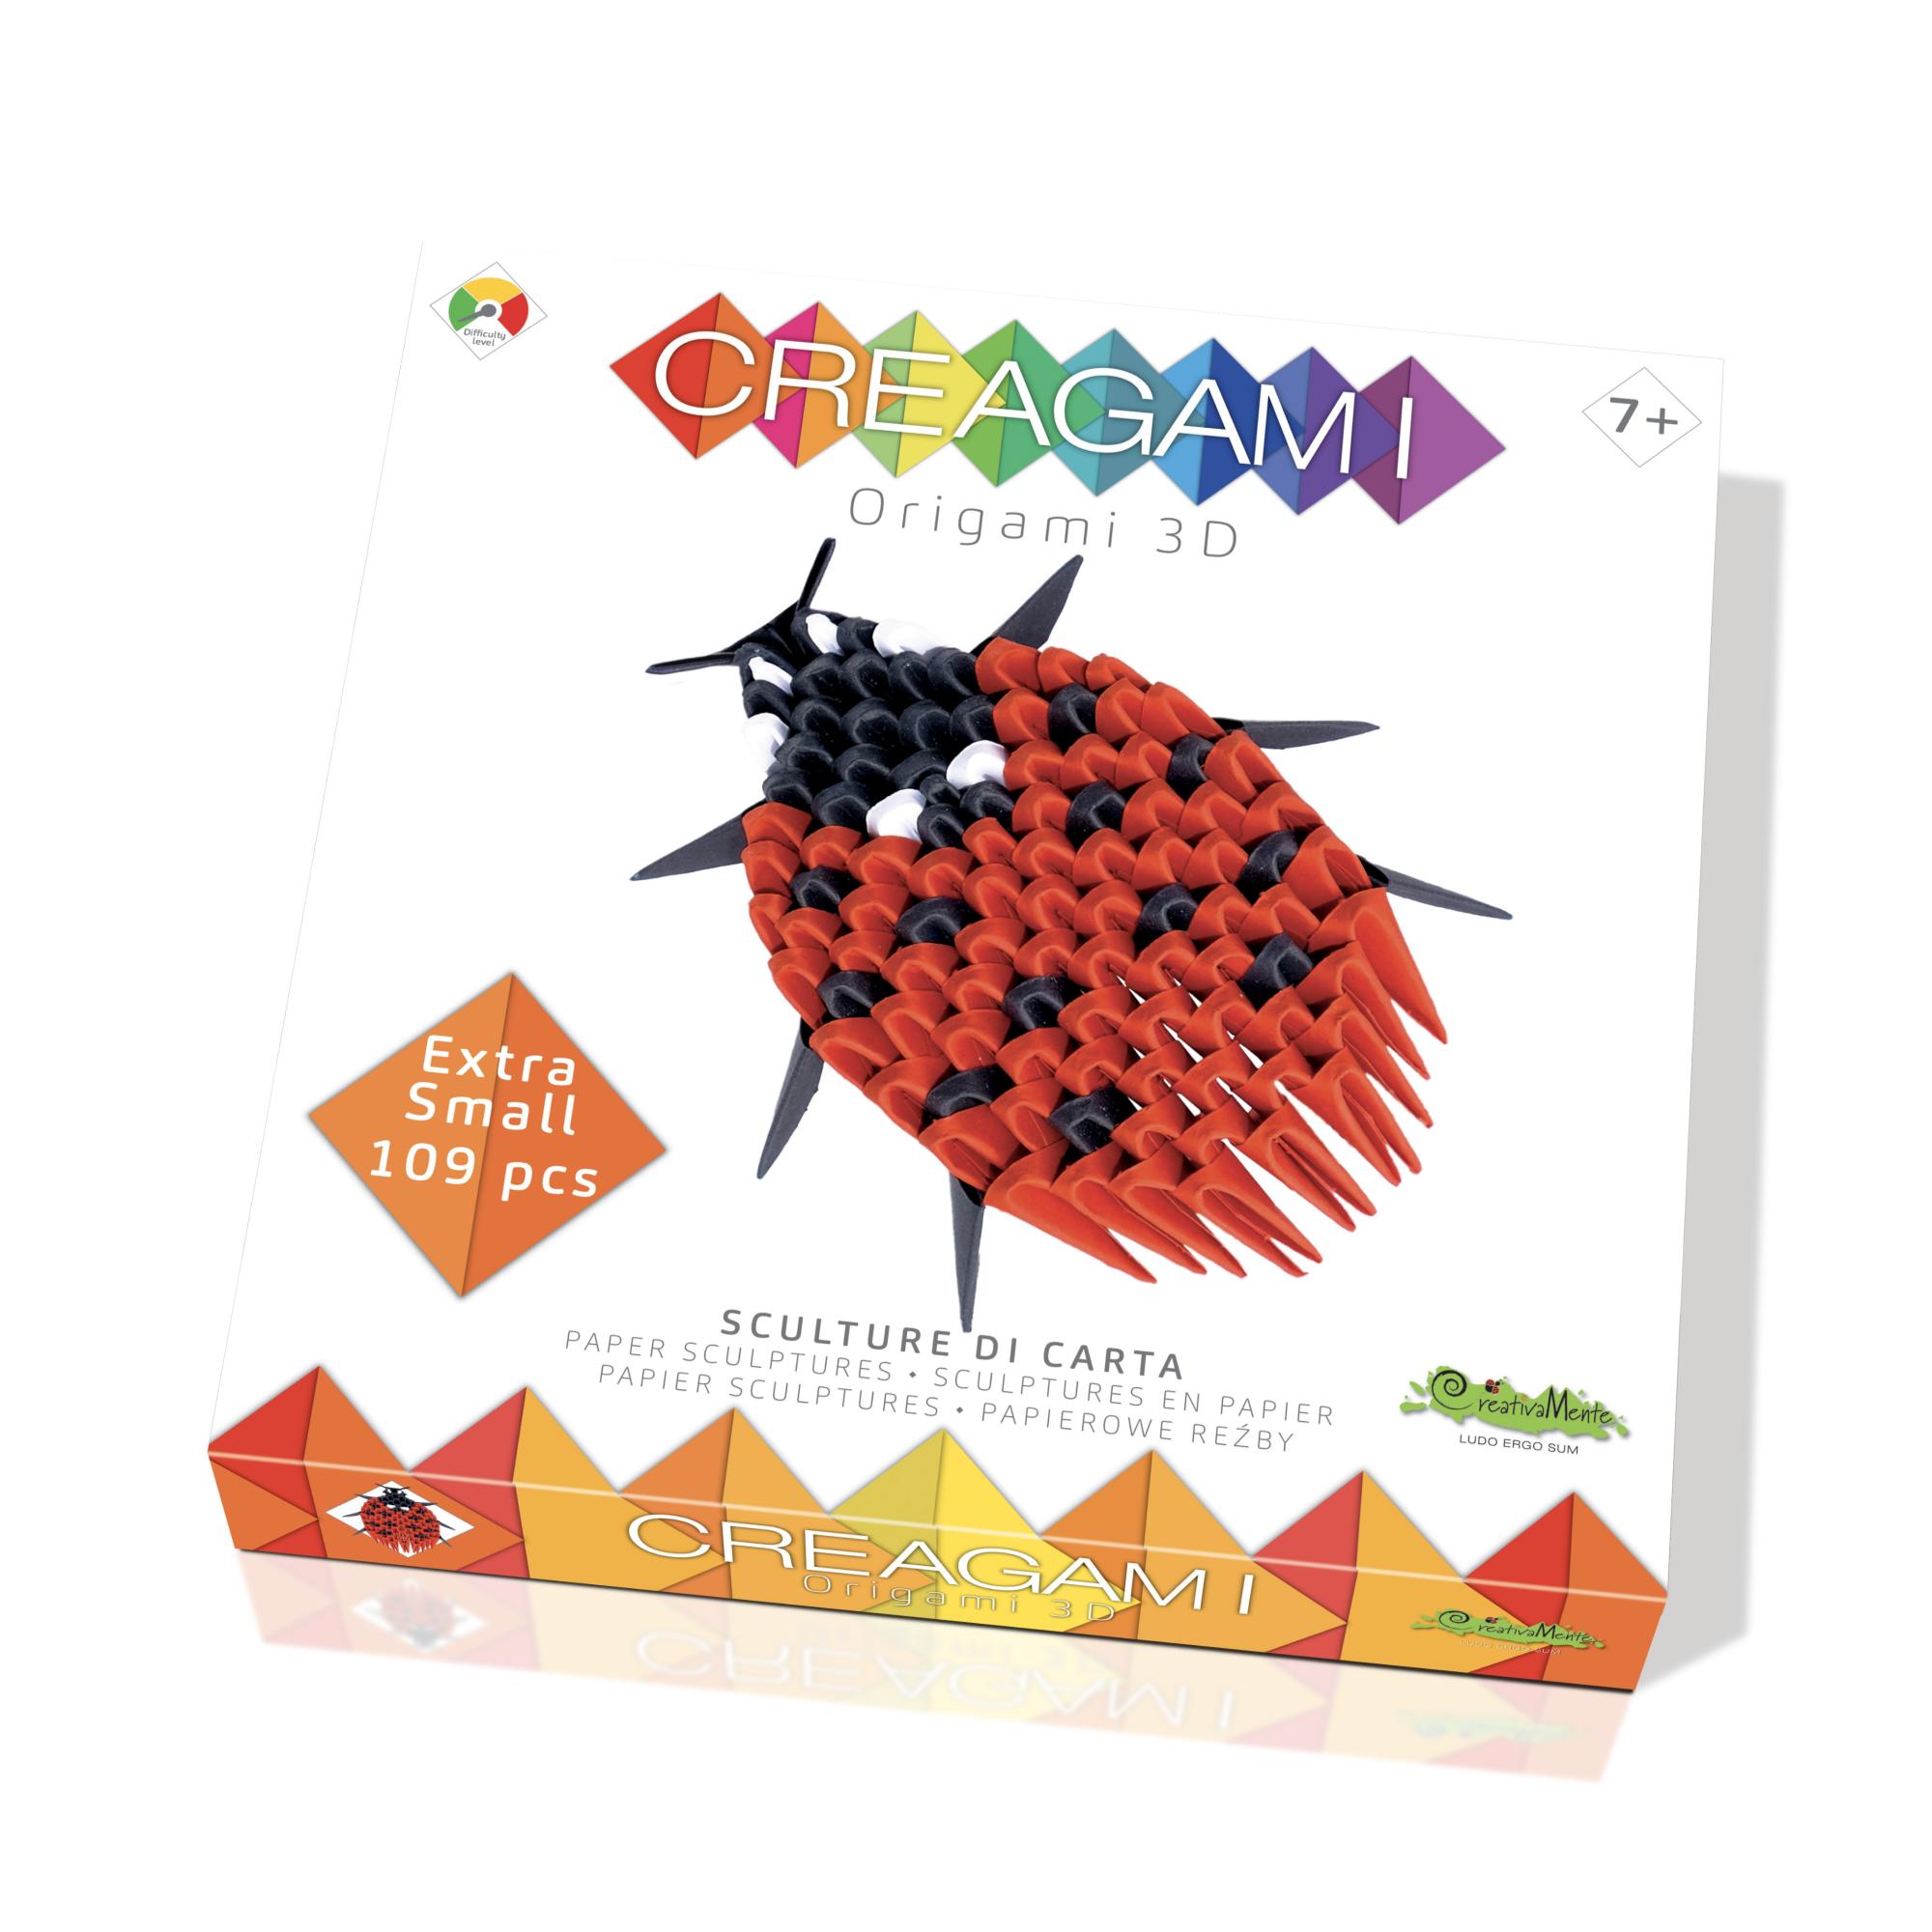 Creagami Creagami, coccinelle 109 mcx